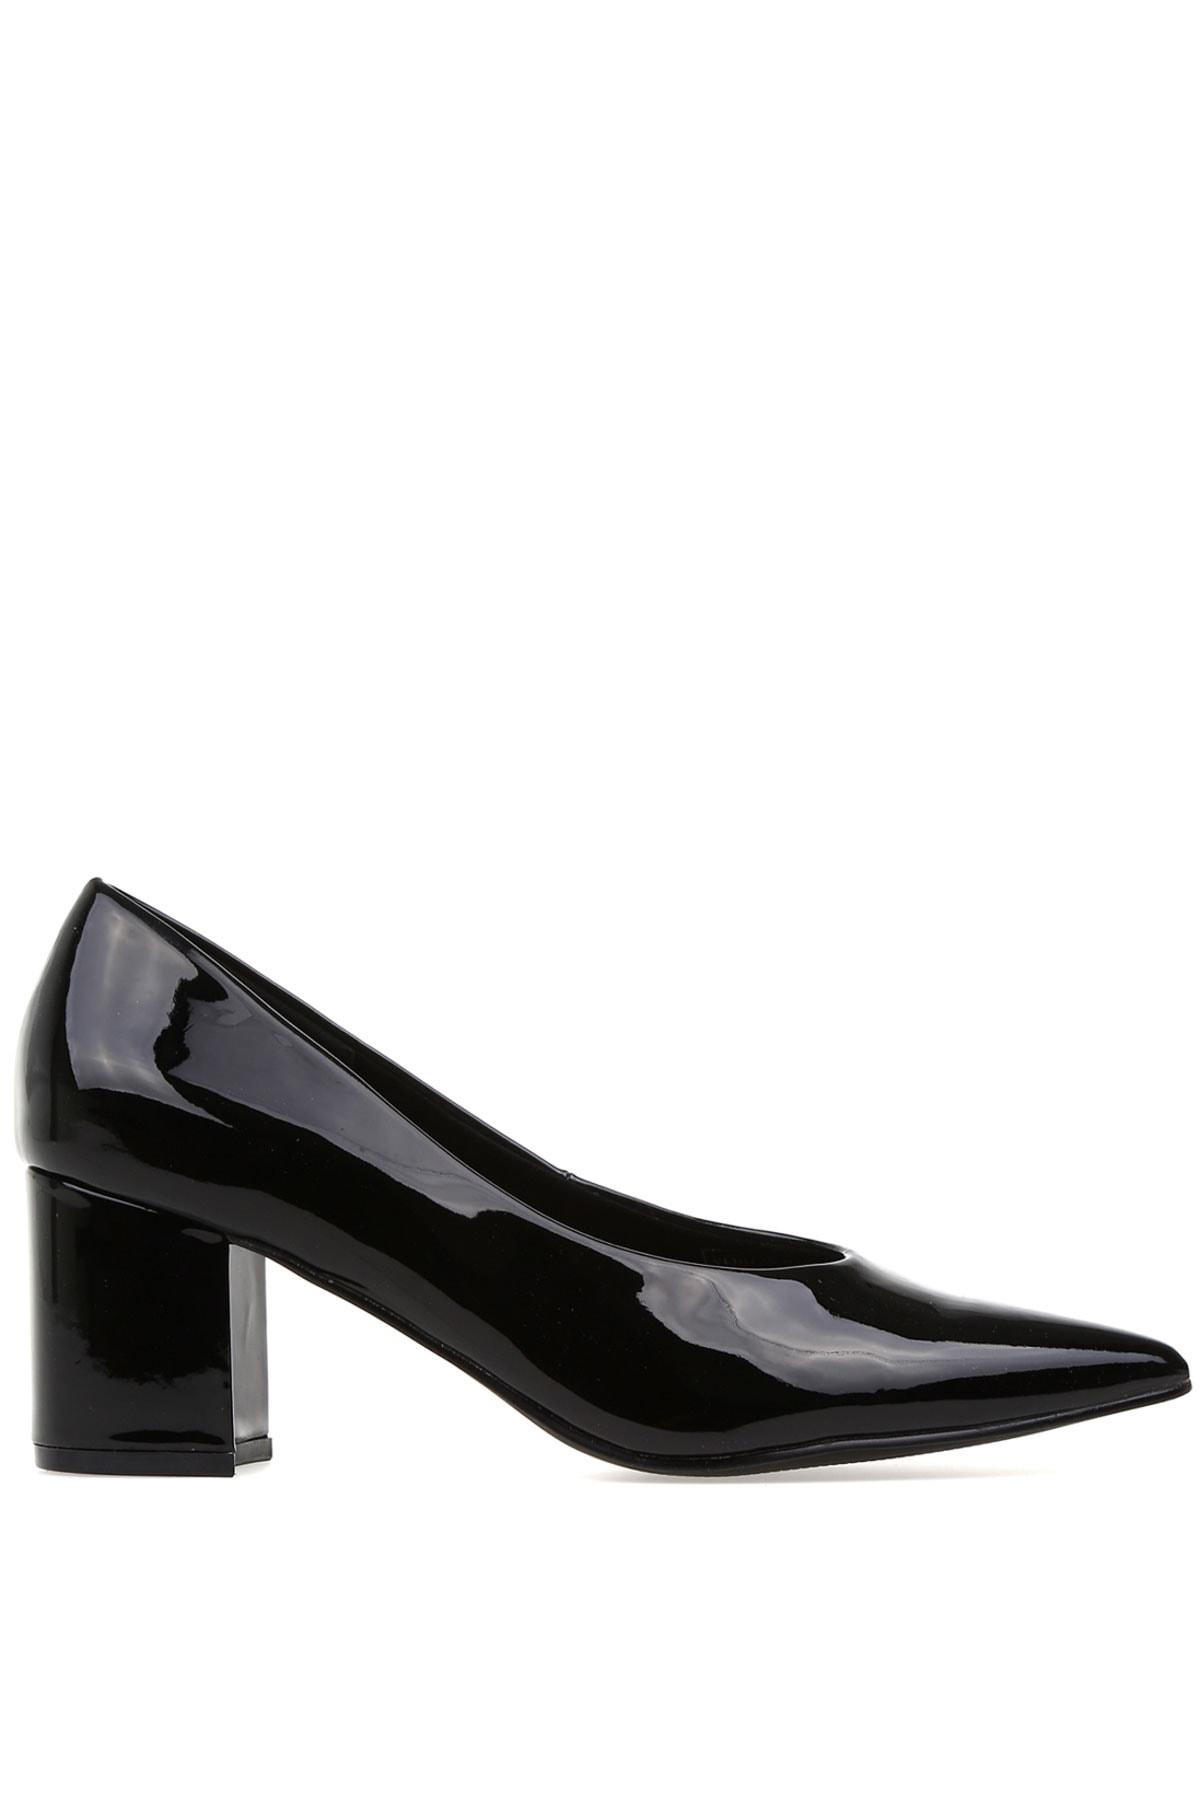 Vero Moda Ayakkabı 1